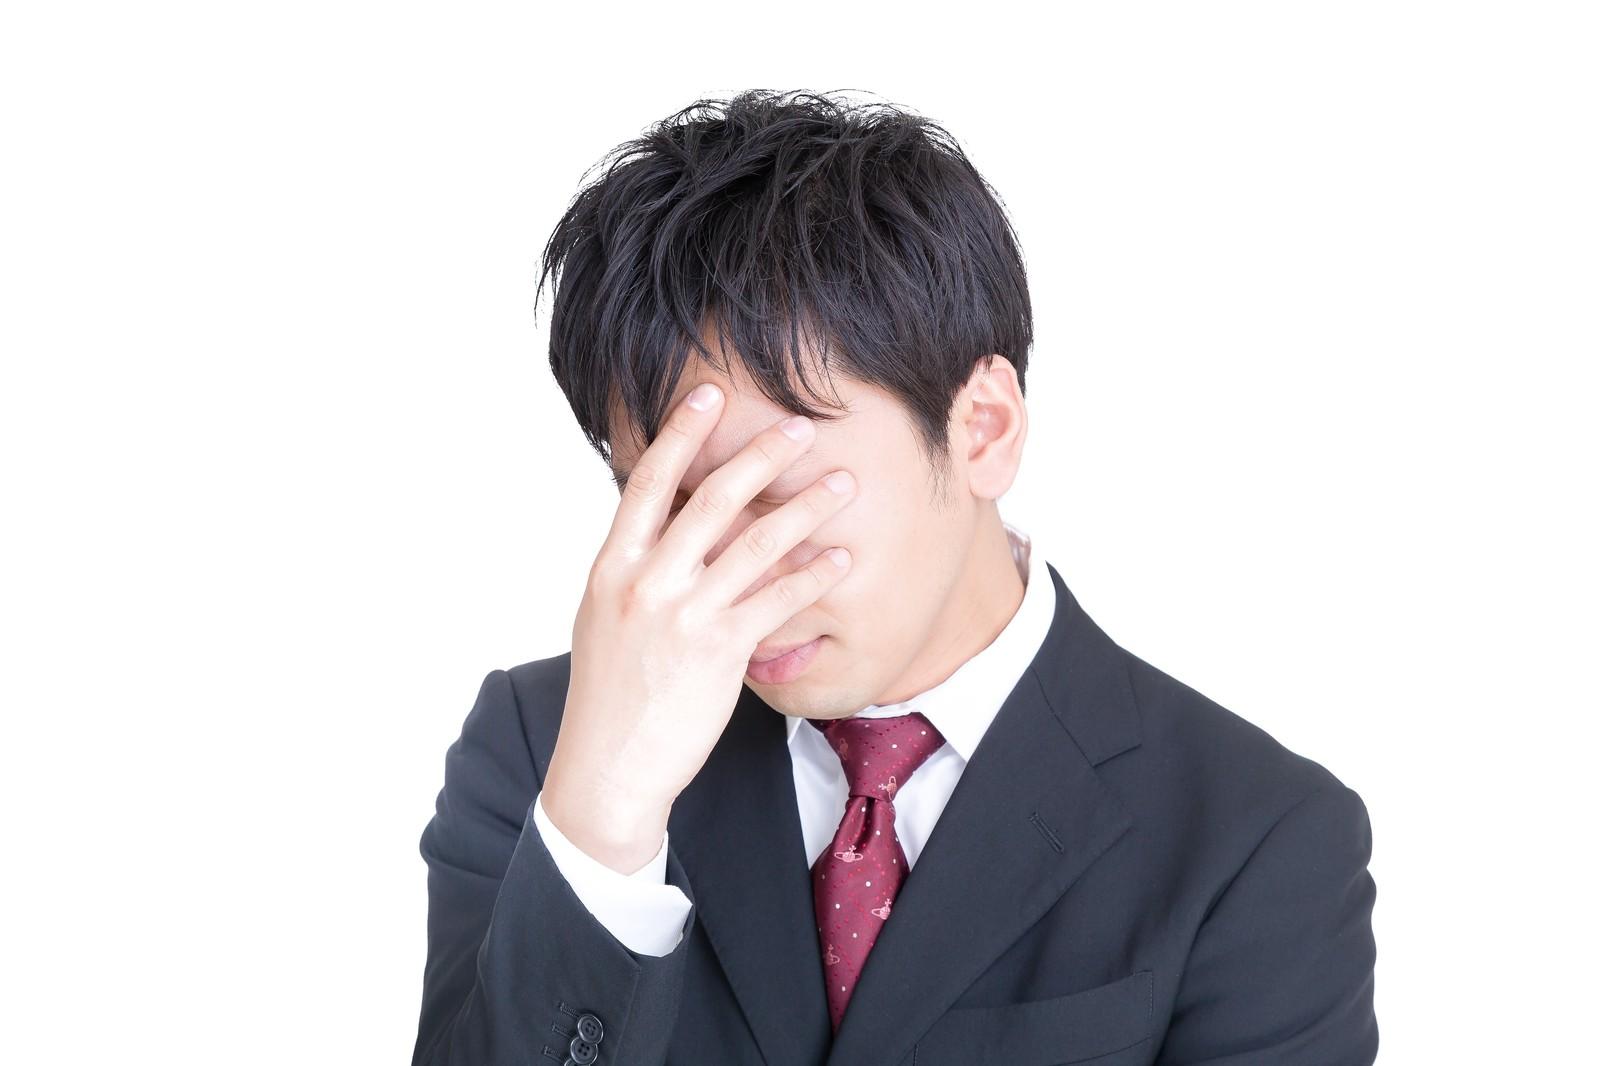 不動産営業マンはノルマが厳しいって本当?